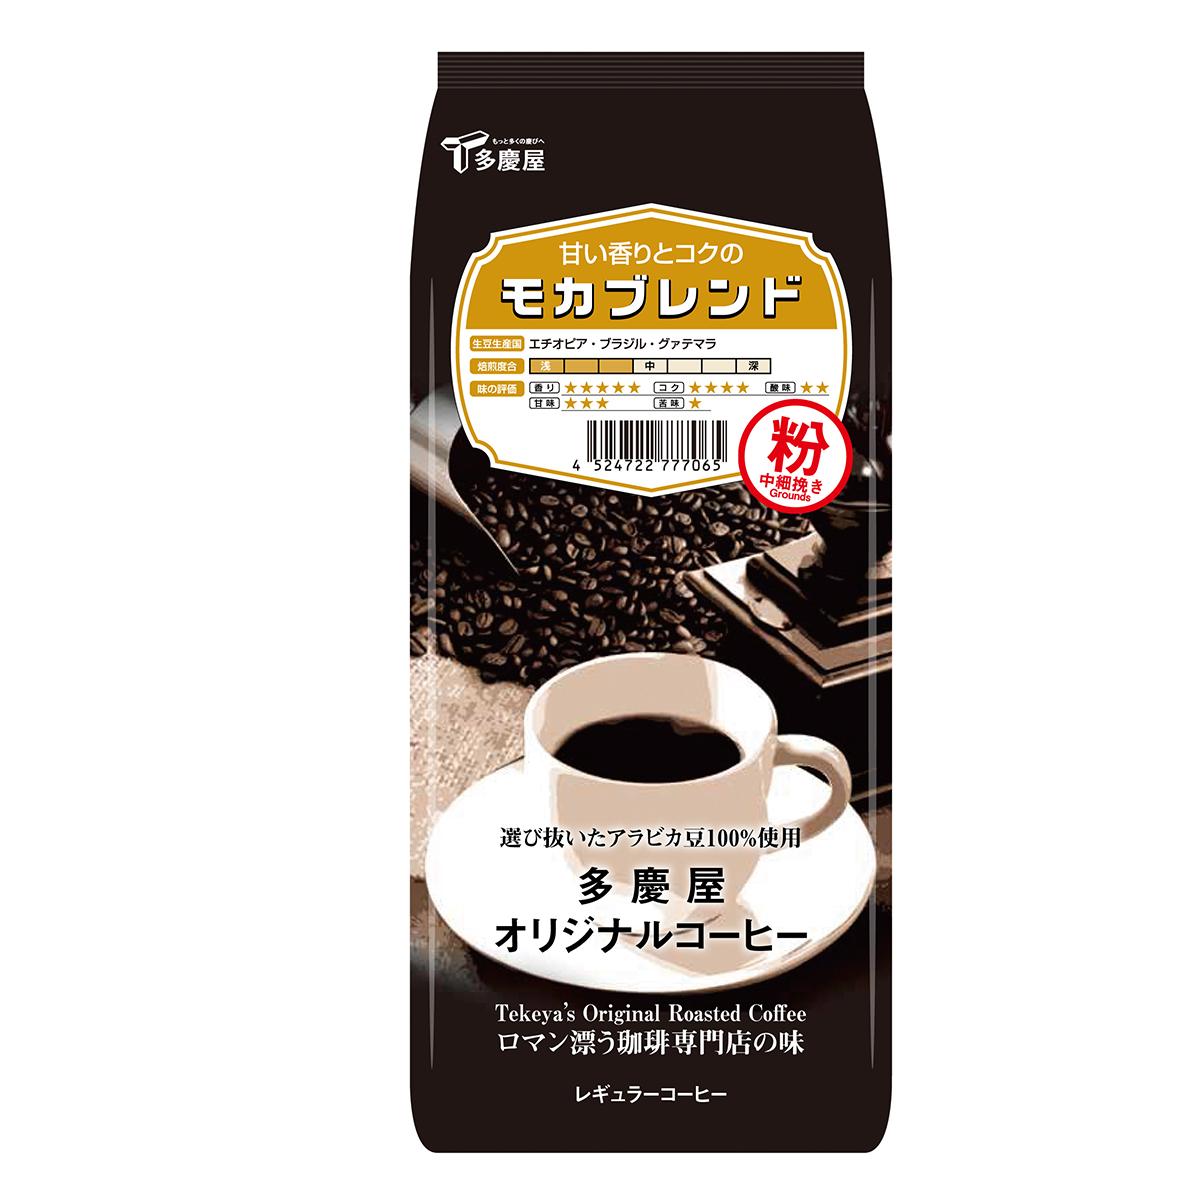 モカブレンド  粉 150g 多慶屋オリジナルコーヒー コーヒー粉 レギュラーコーヒー